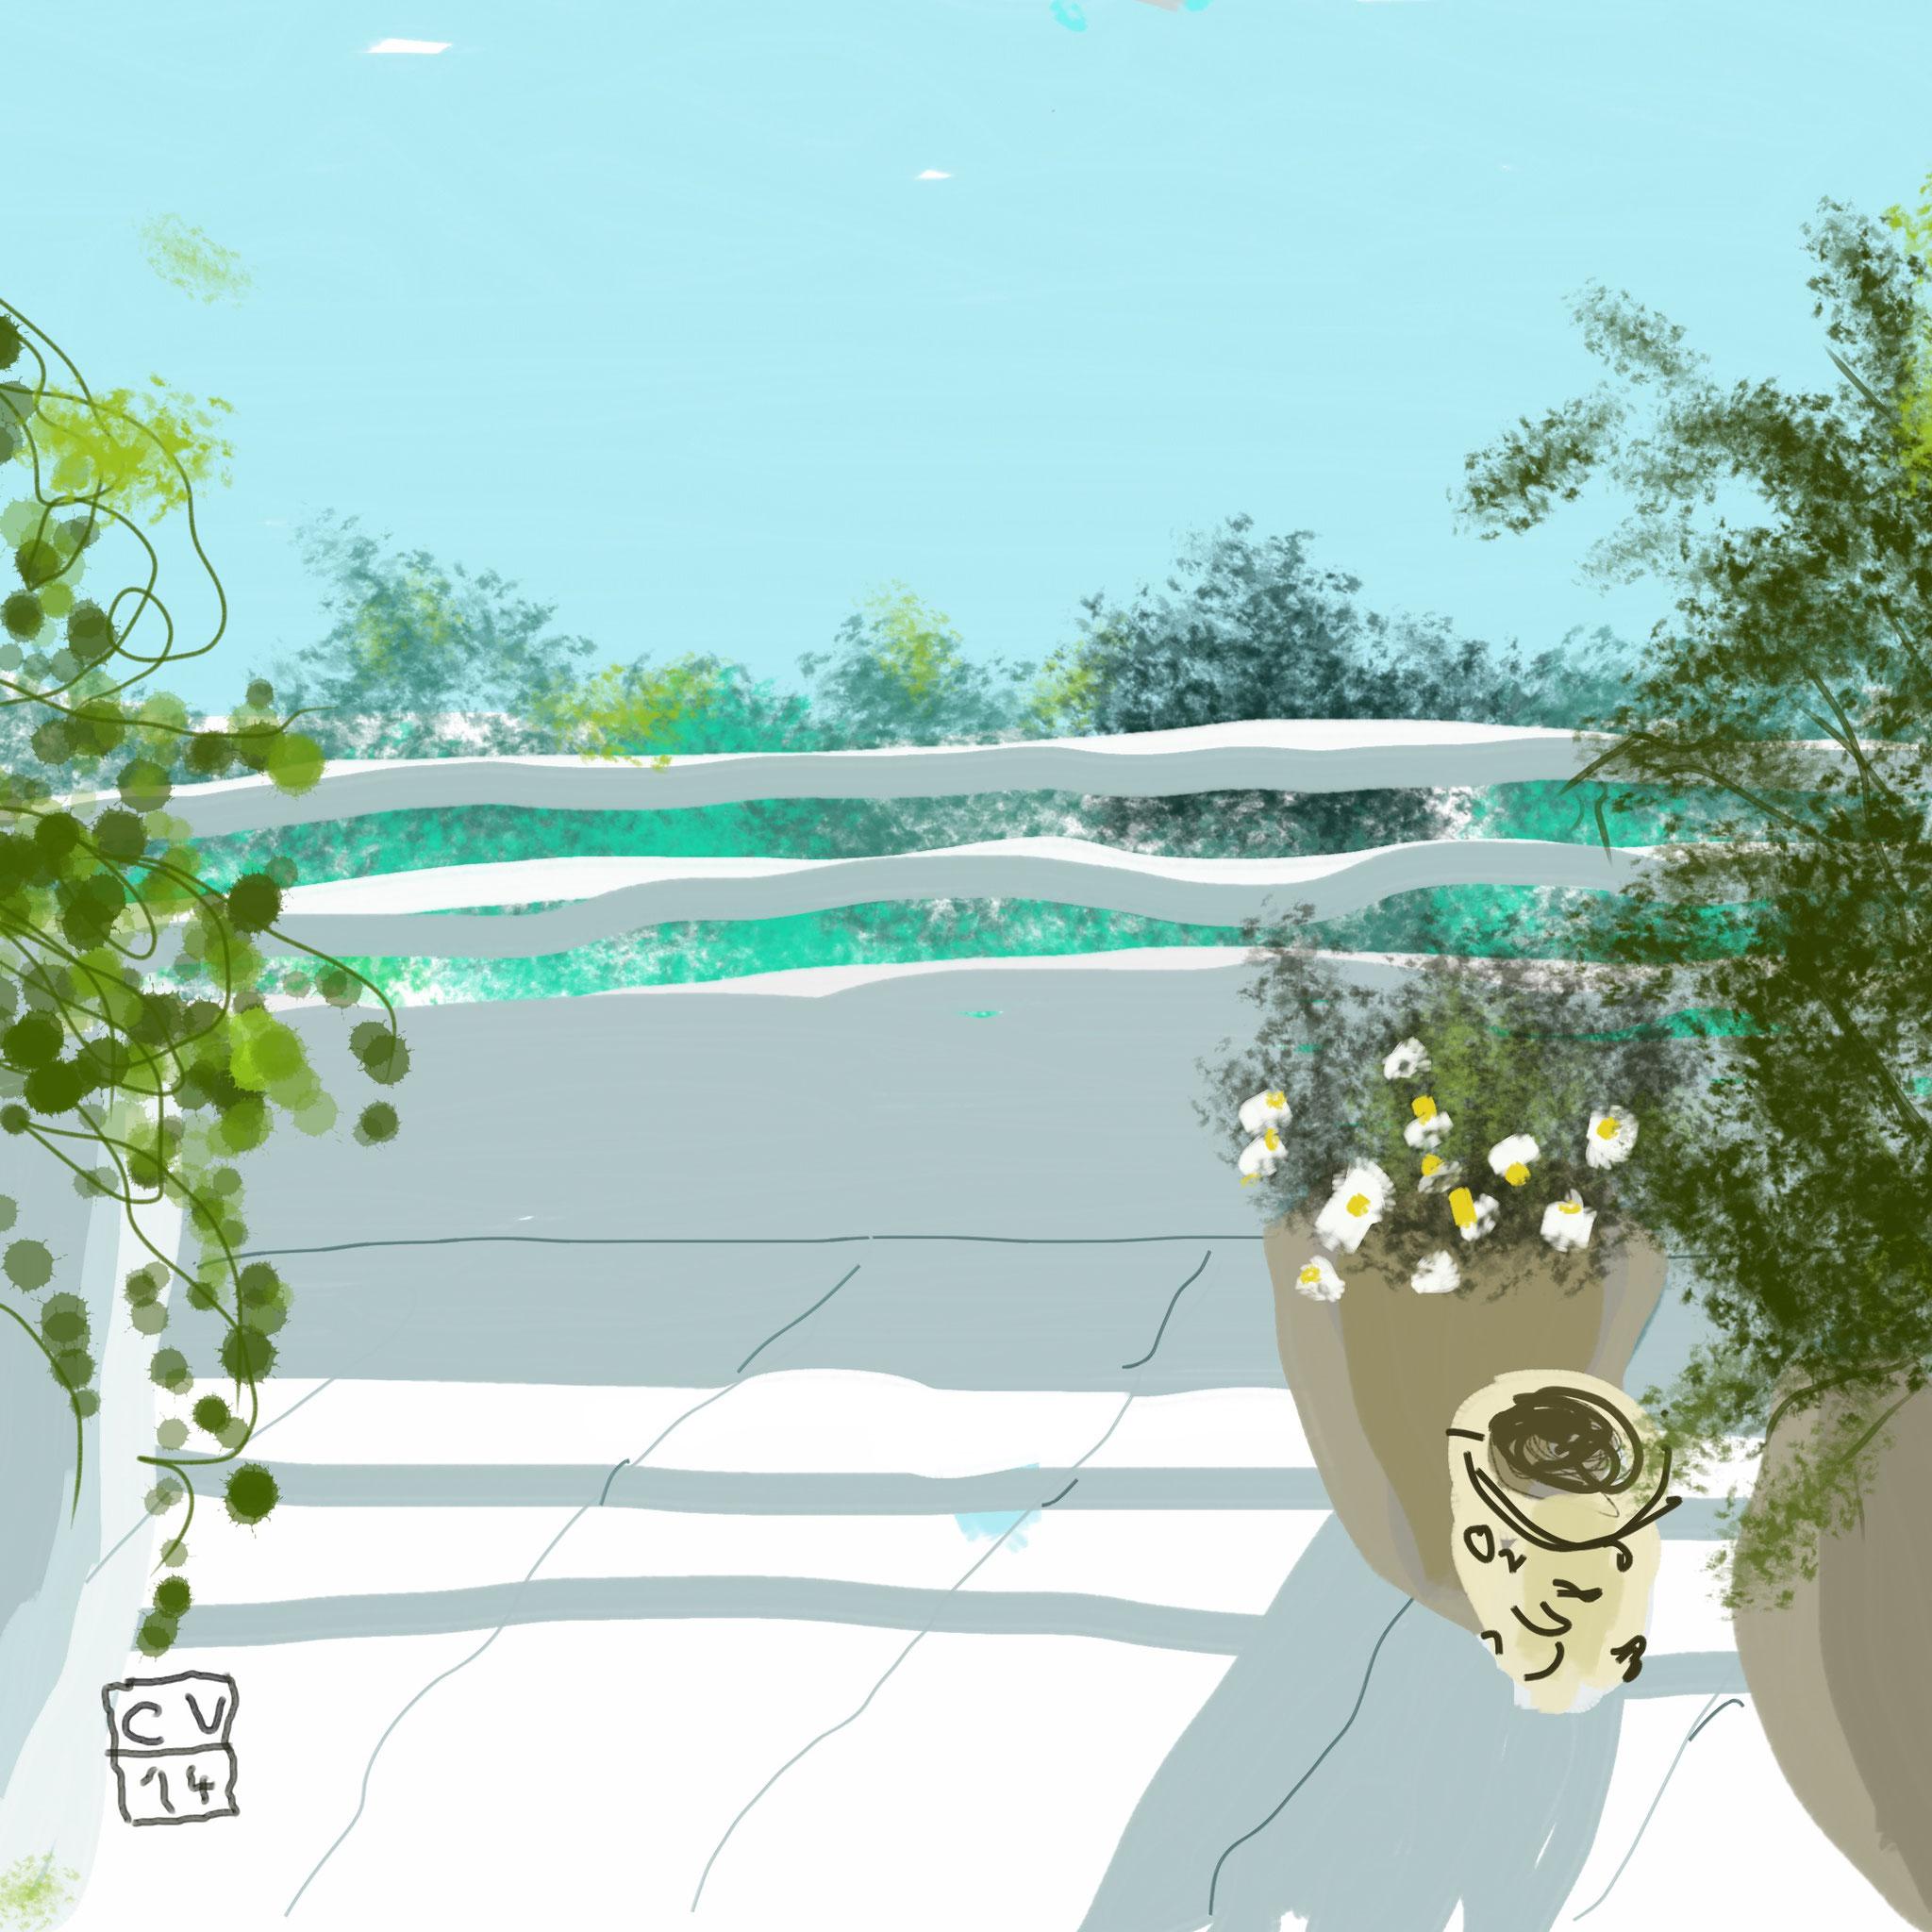 Soleil sur la terrasse - 2014